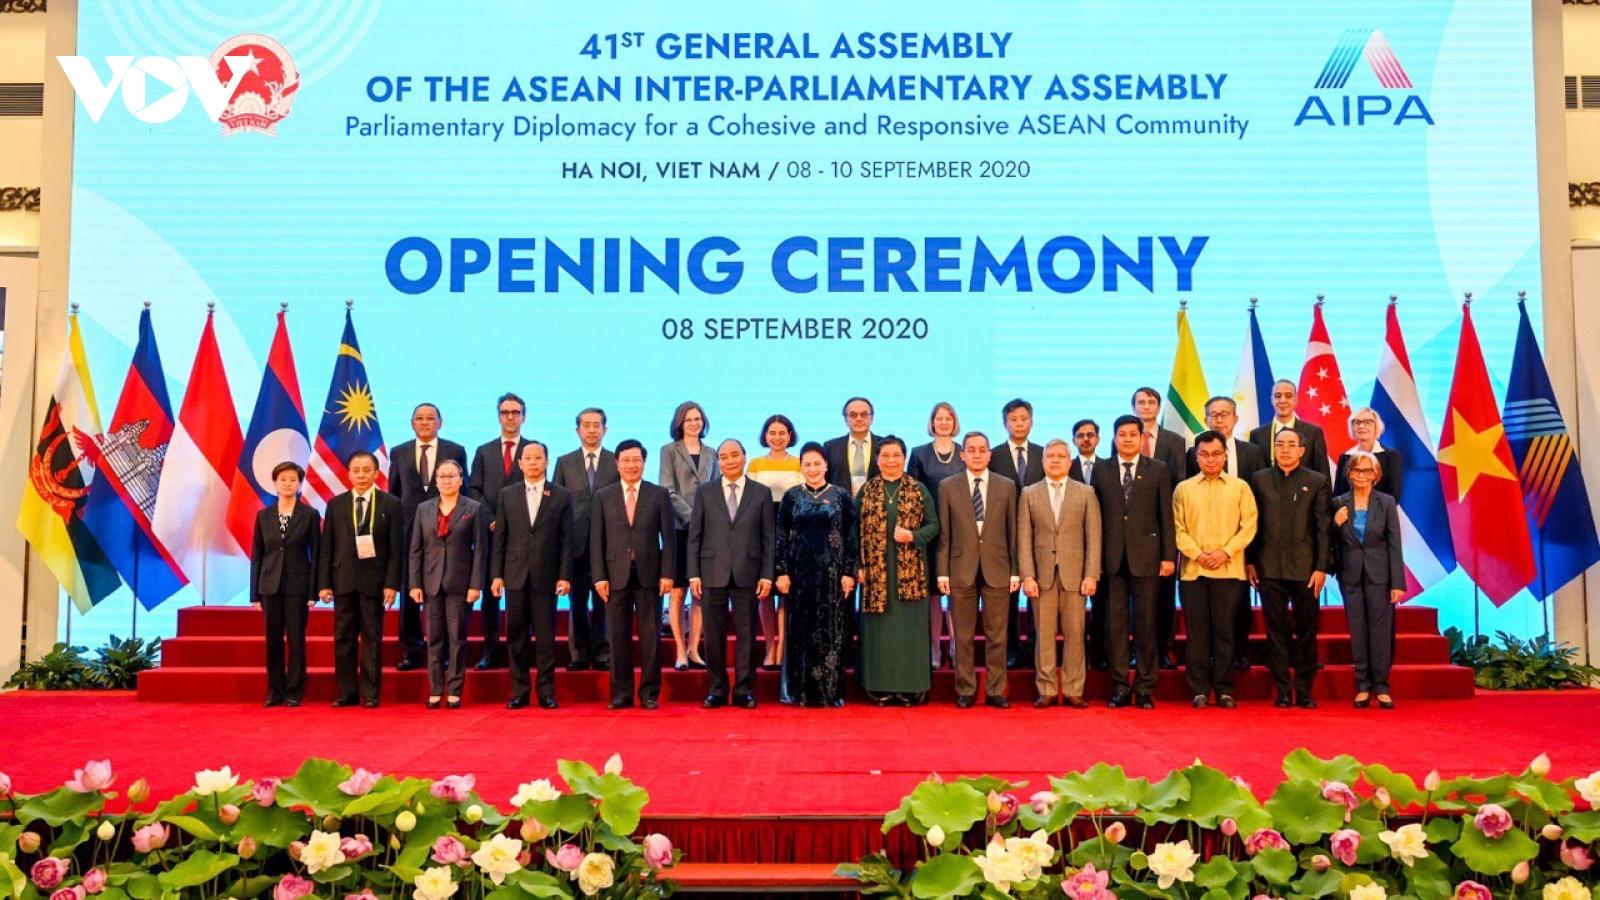 Chủ tịch Quốc hội các nước gửi thư chúc mừng Quốc hội Việt Nam tổ chức thành công AIPA-41